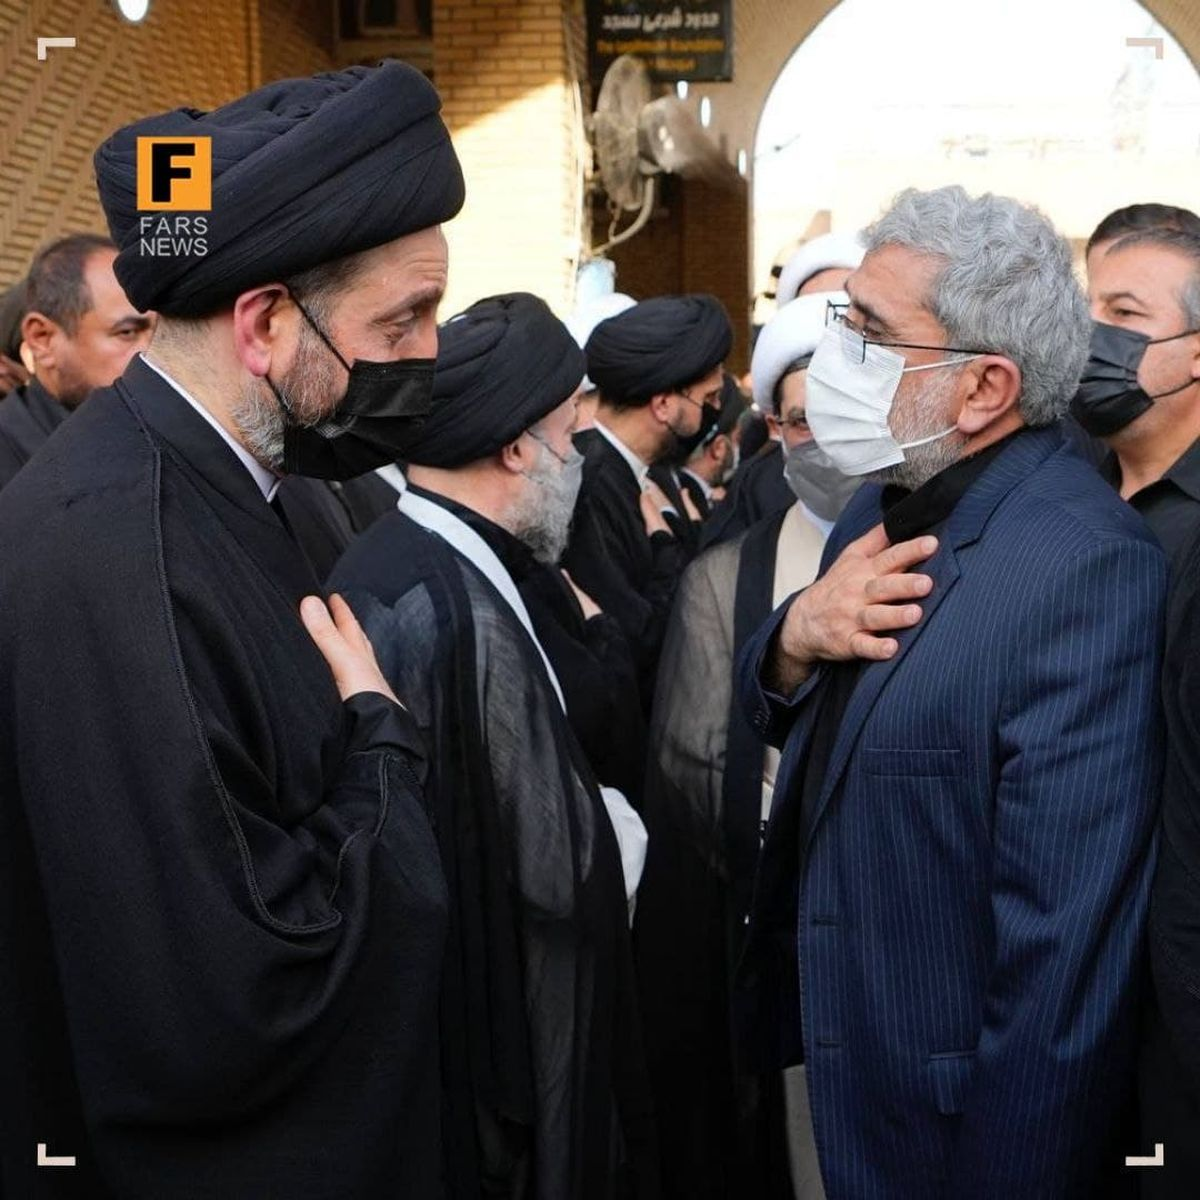 سردار قاآنی و عمار حکیم در مراسم ترحیم آیتالله حکیم در نجف اشرف +عکس